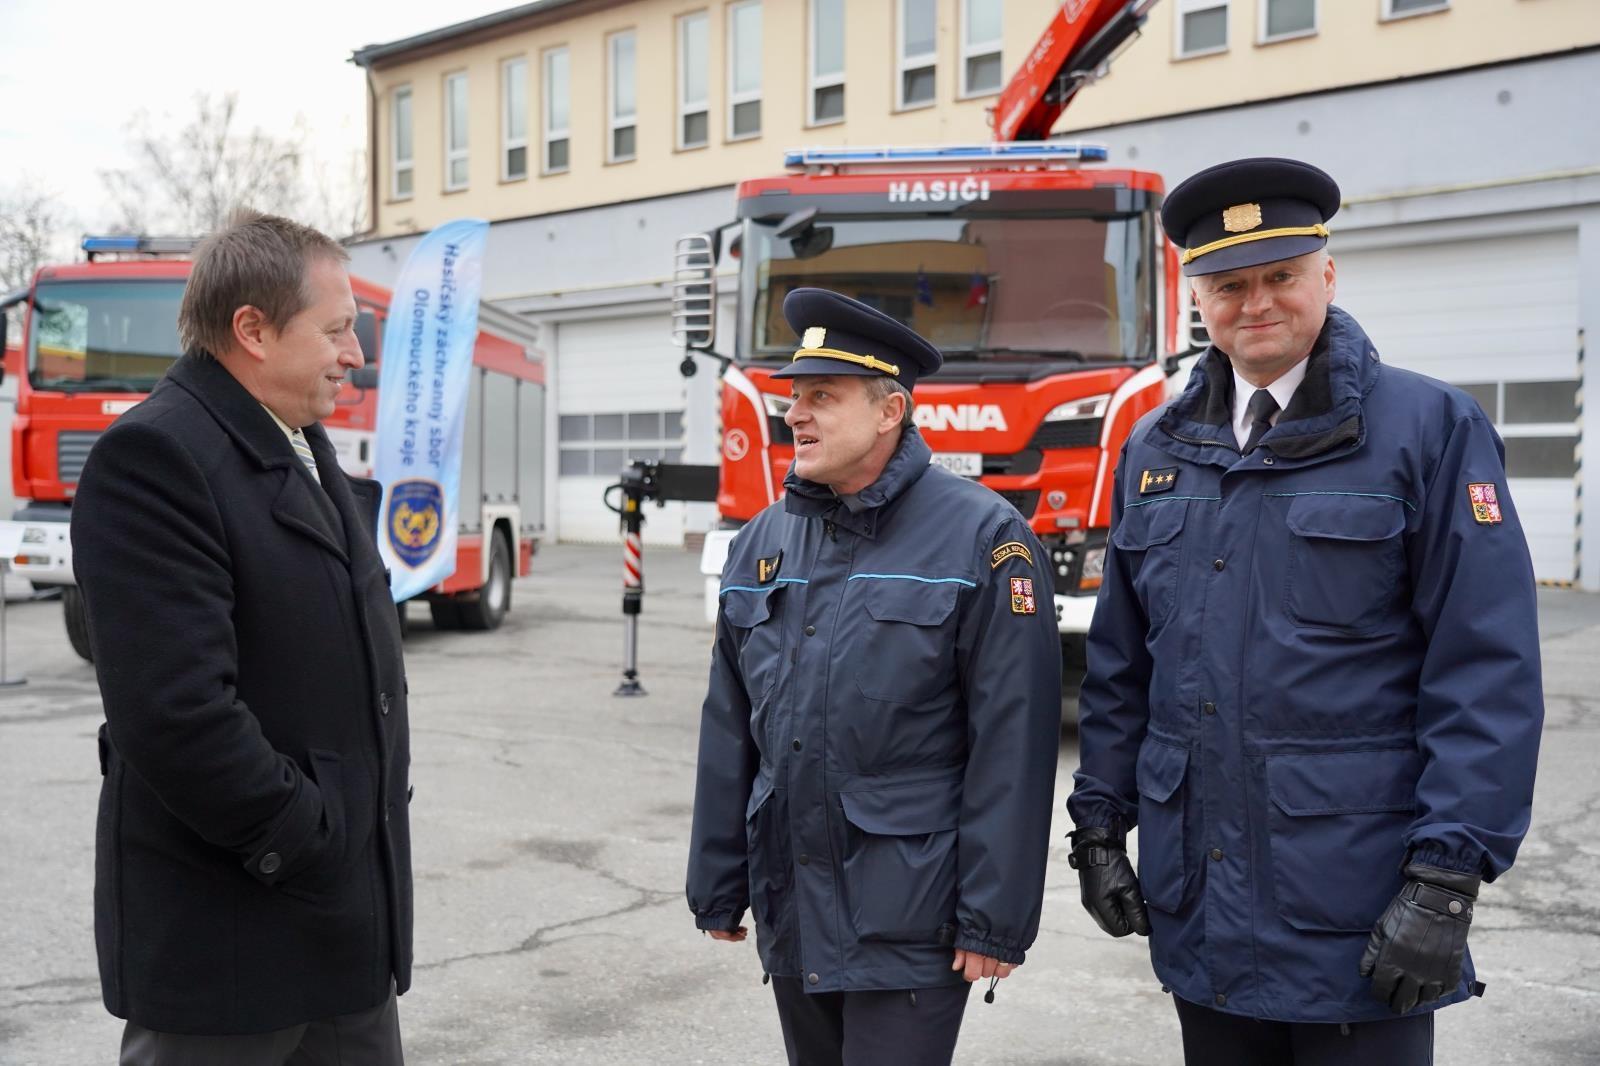 slavnostní předání hasičské techniky zdroj foto: HZS OLK